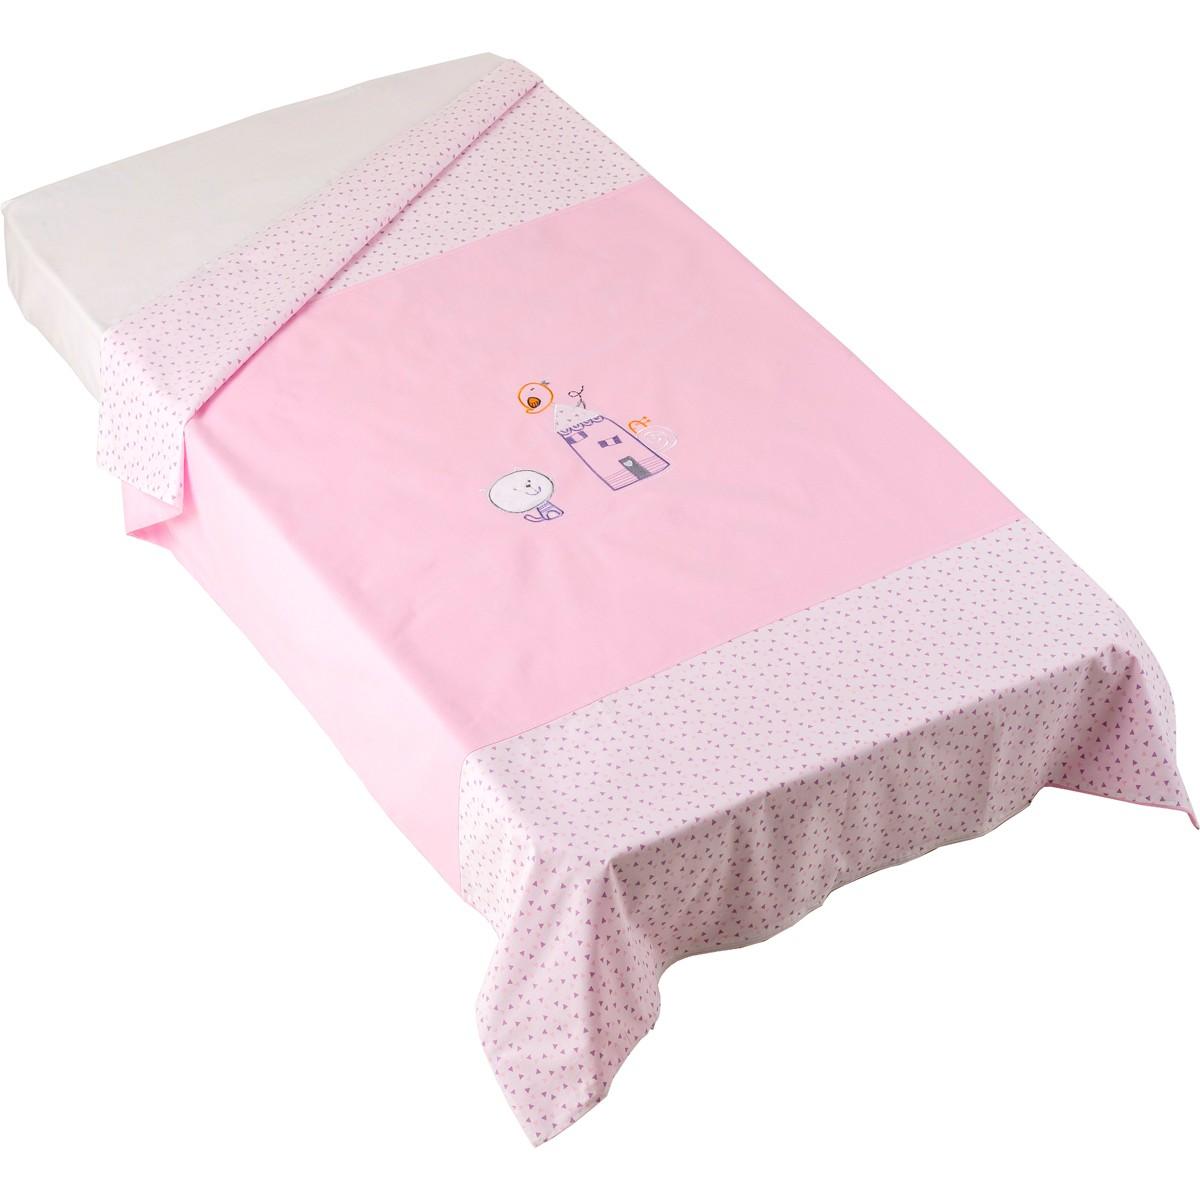 Παπλωματοθήκη Κούνιας Κόσμος Του Μωρού Home 7890 Ρόζ